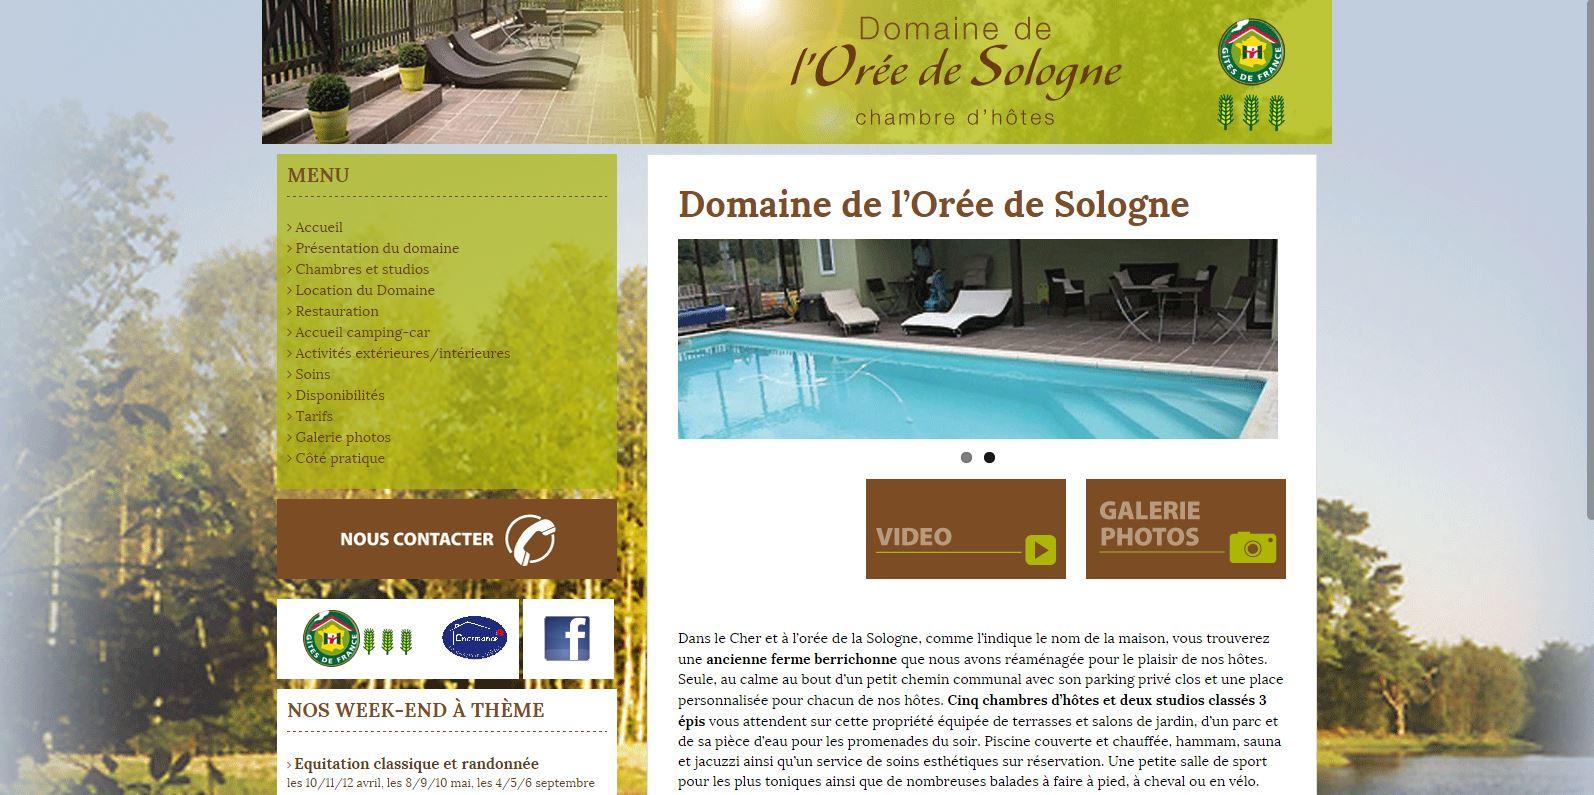 gite - chambres d'hôtes - Domaine de l'Orée de Sologne - www.oree-de-sologne.com